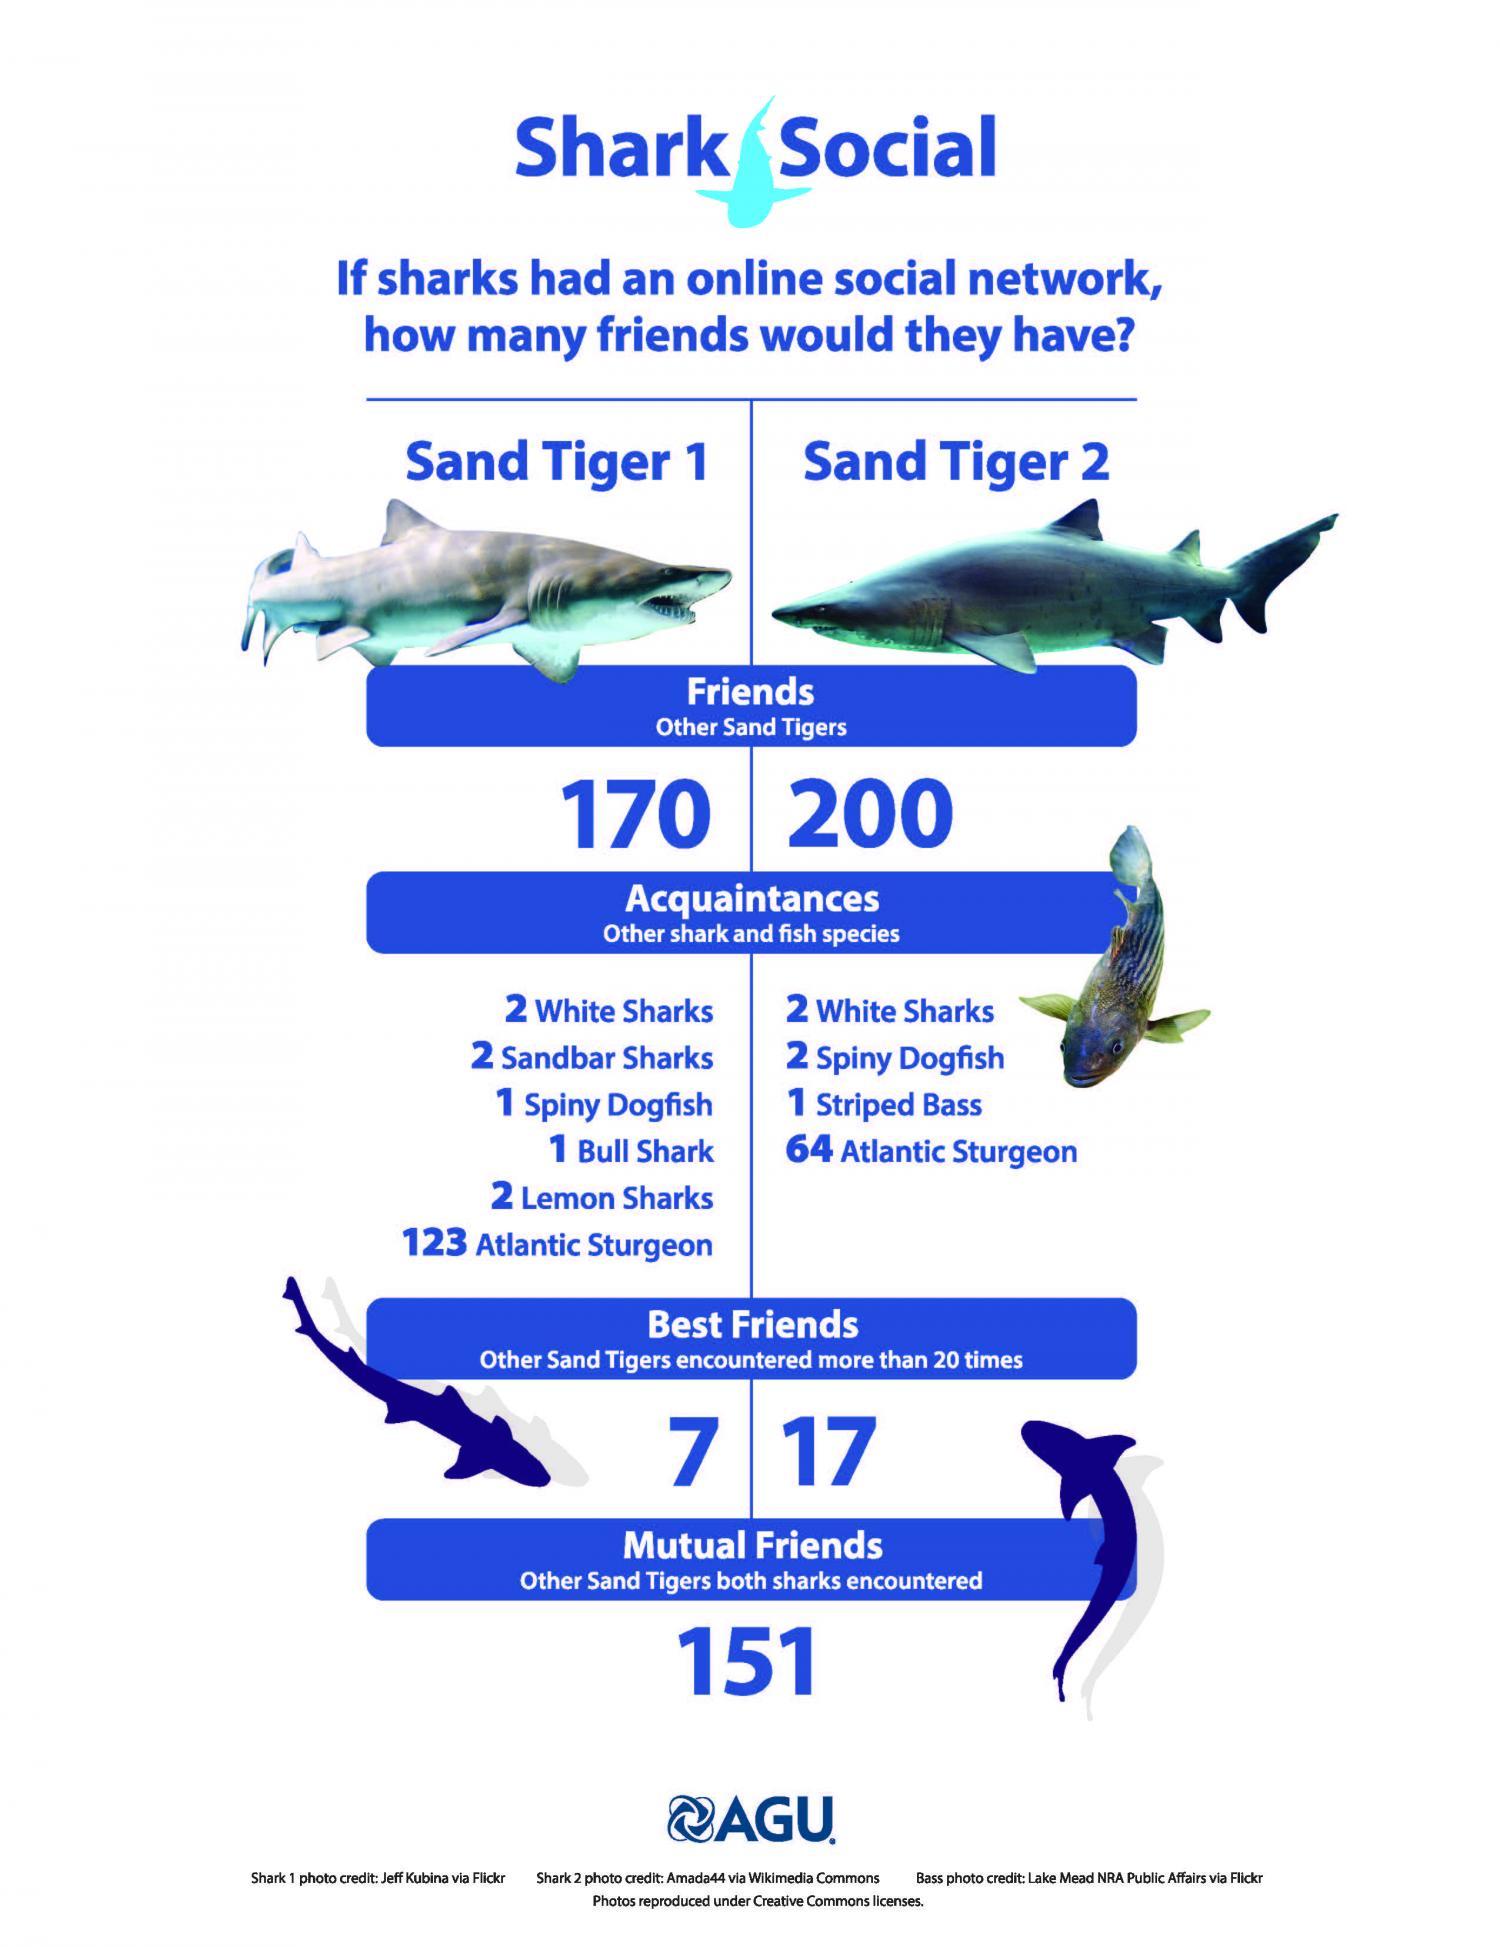 Sand tiger sharks' social networks